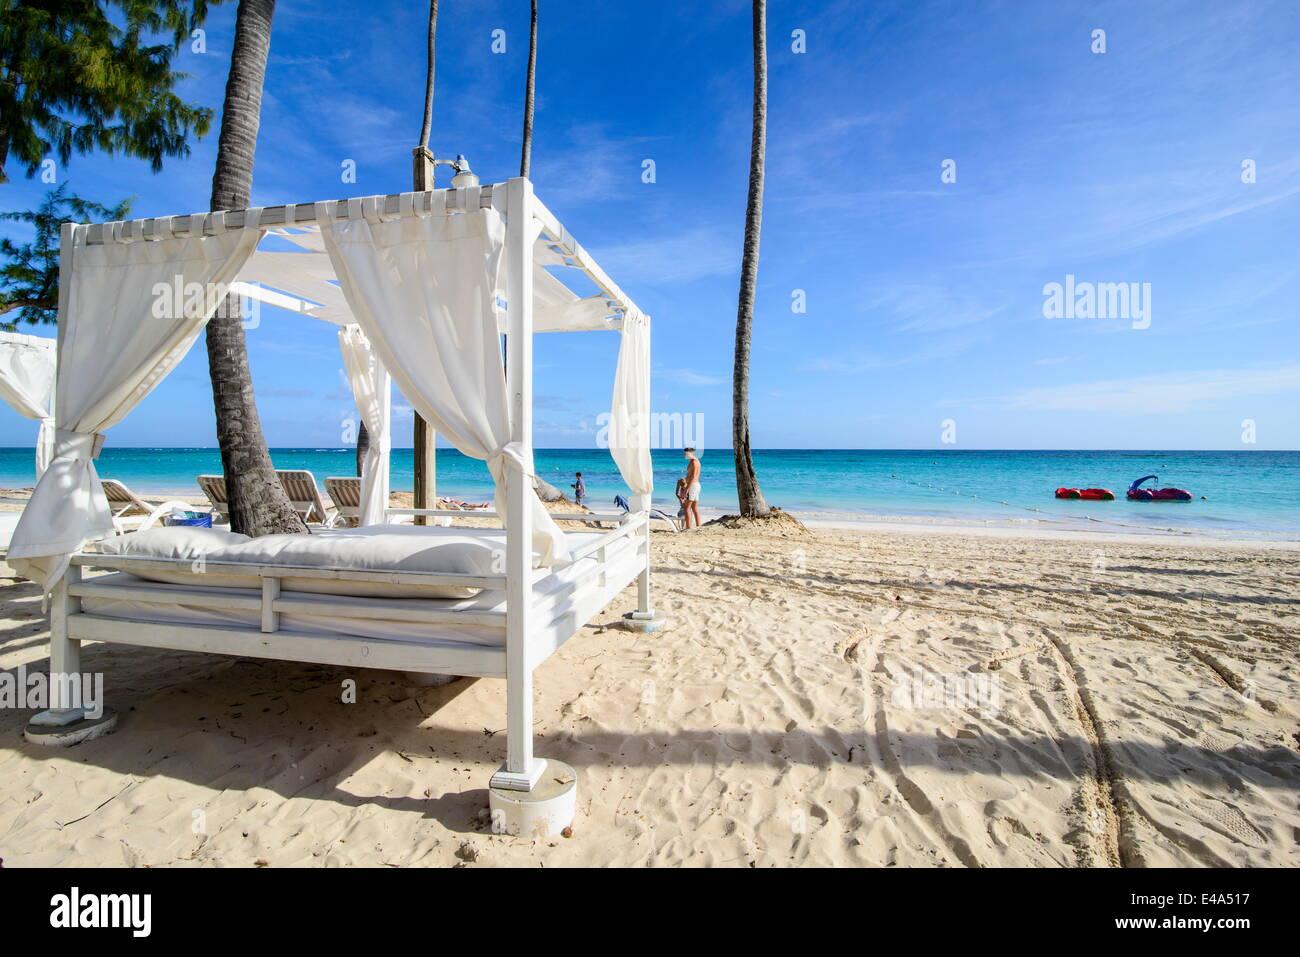 Letto a baldacchino sulla spiaggia di Bavaro e Punta Cana, Repubblica Dominicana, West Indies, dei Caraibi e America Immagini Stock